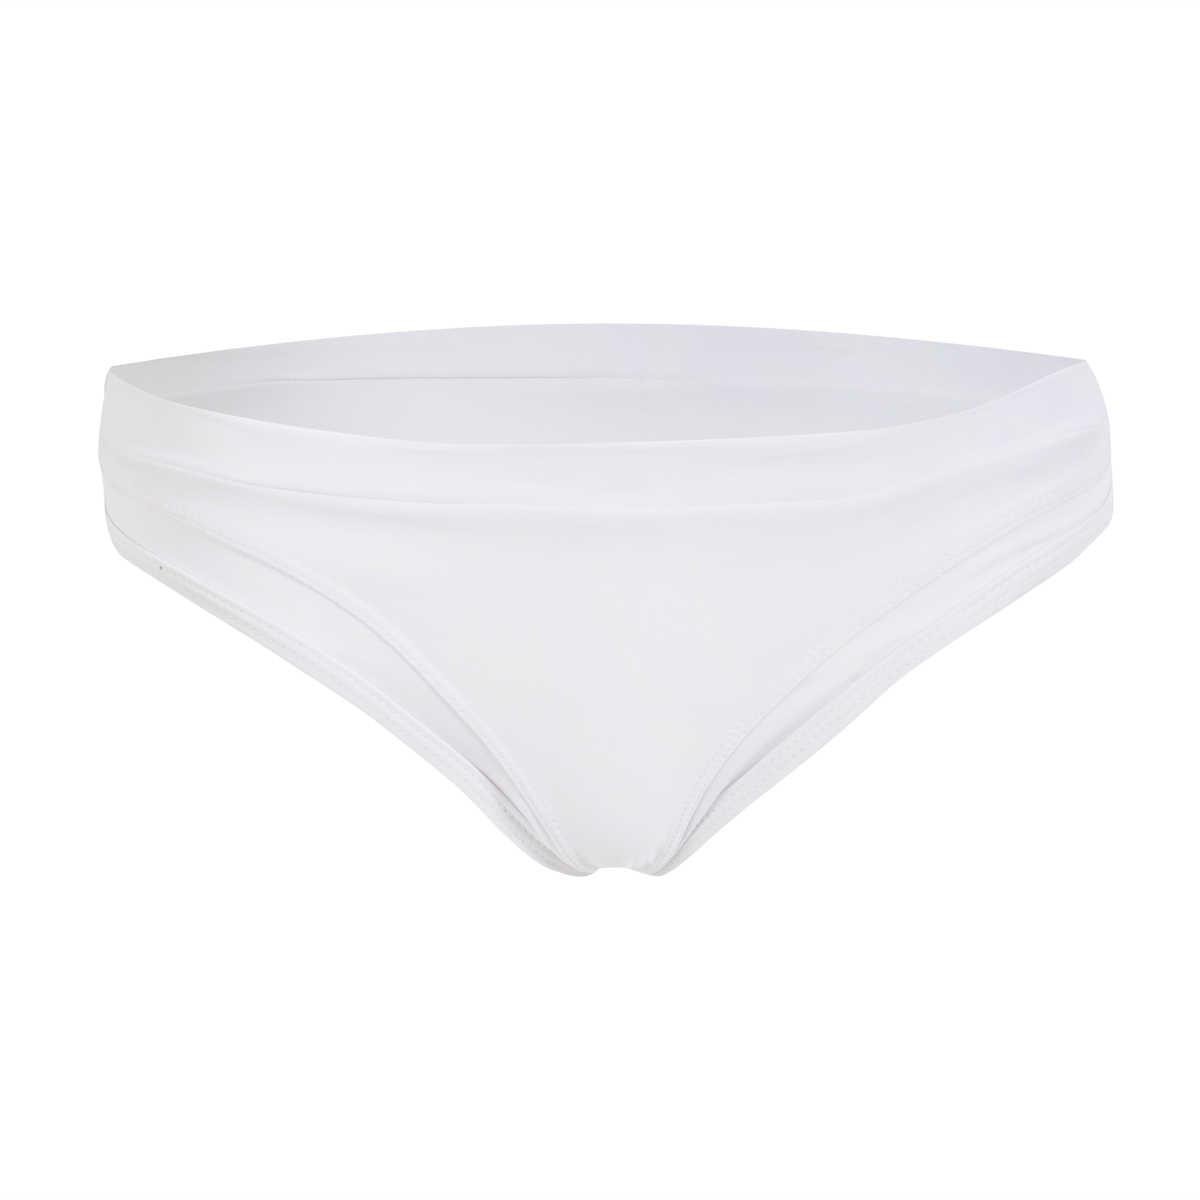 2019 Hot kobiety brazylijski Sexy stroje kąpielowe kobiety Bikini wysokiej talii krótkie Tankini spodnie i spódnice stringi strój kąpielowy Swim majtki spodnie kąpielowe